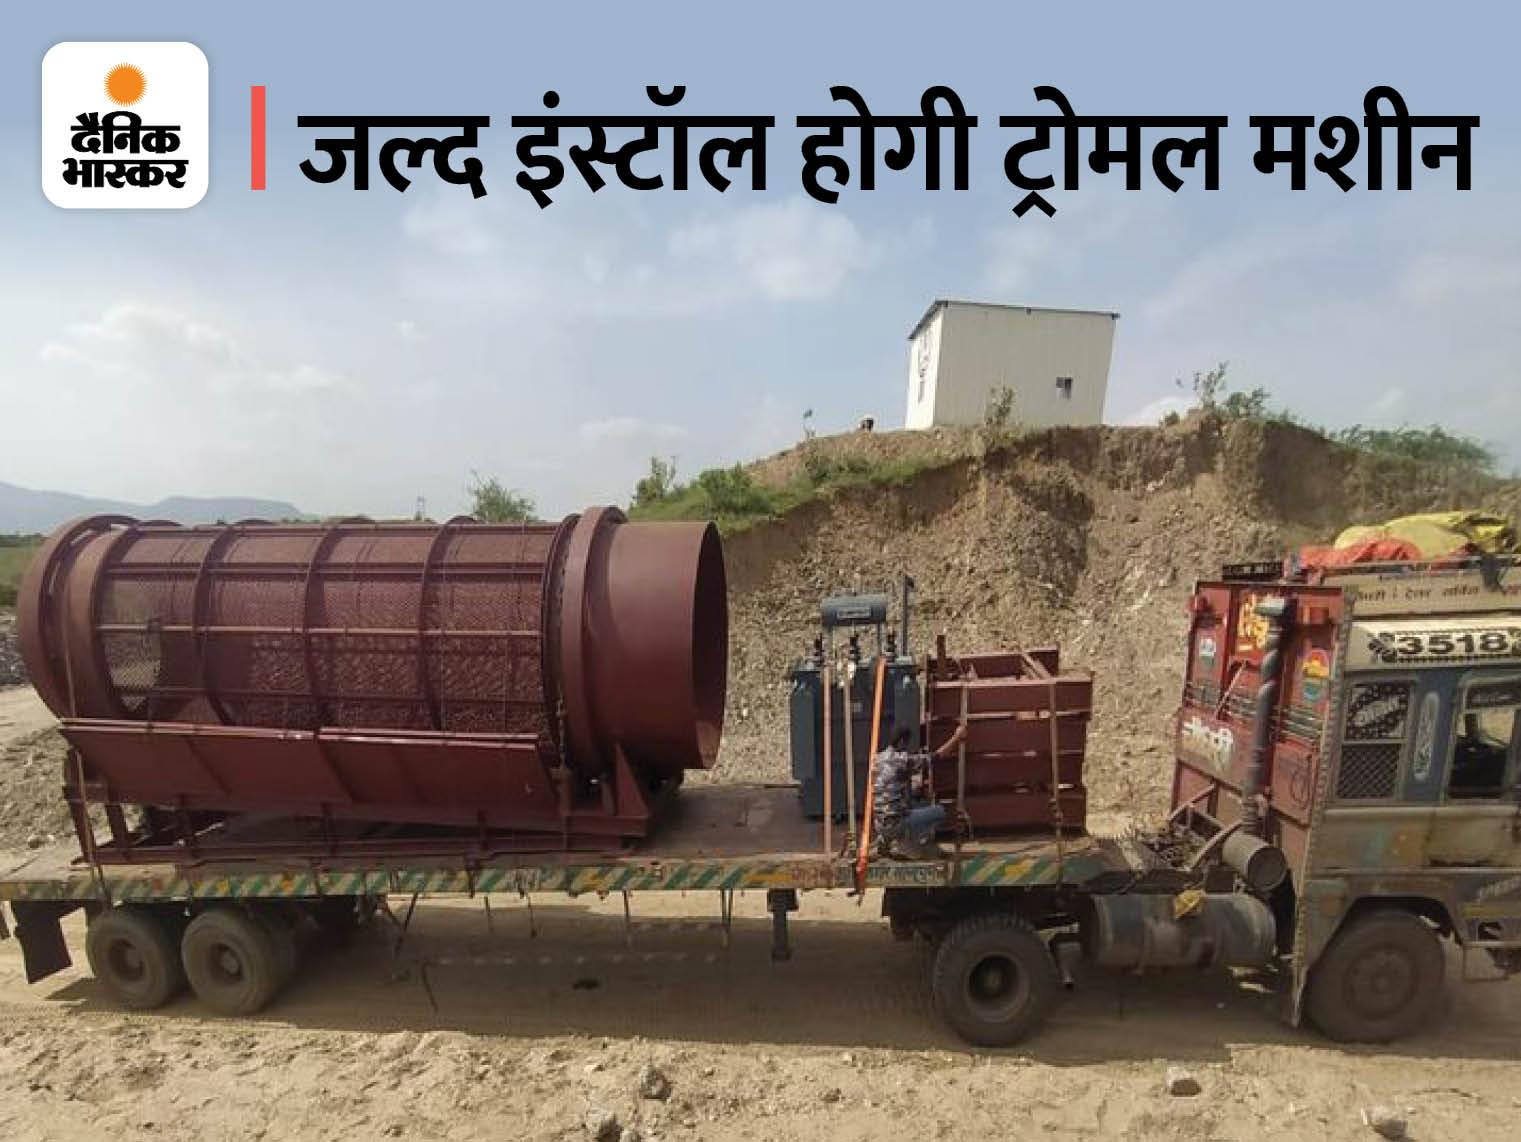 कंक्रीट, पॉलीथिन एवं मिट्टी की होगी छंटनी, 3 लाख 60 हजार टन कचरा साफ करने का लगेगा प्लांट, 8 करोड़ का वर्क ऑर्डर जारी|अजमेर,Ajmer - Dainik Bhaskar